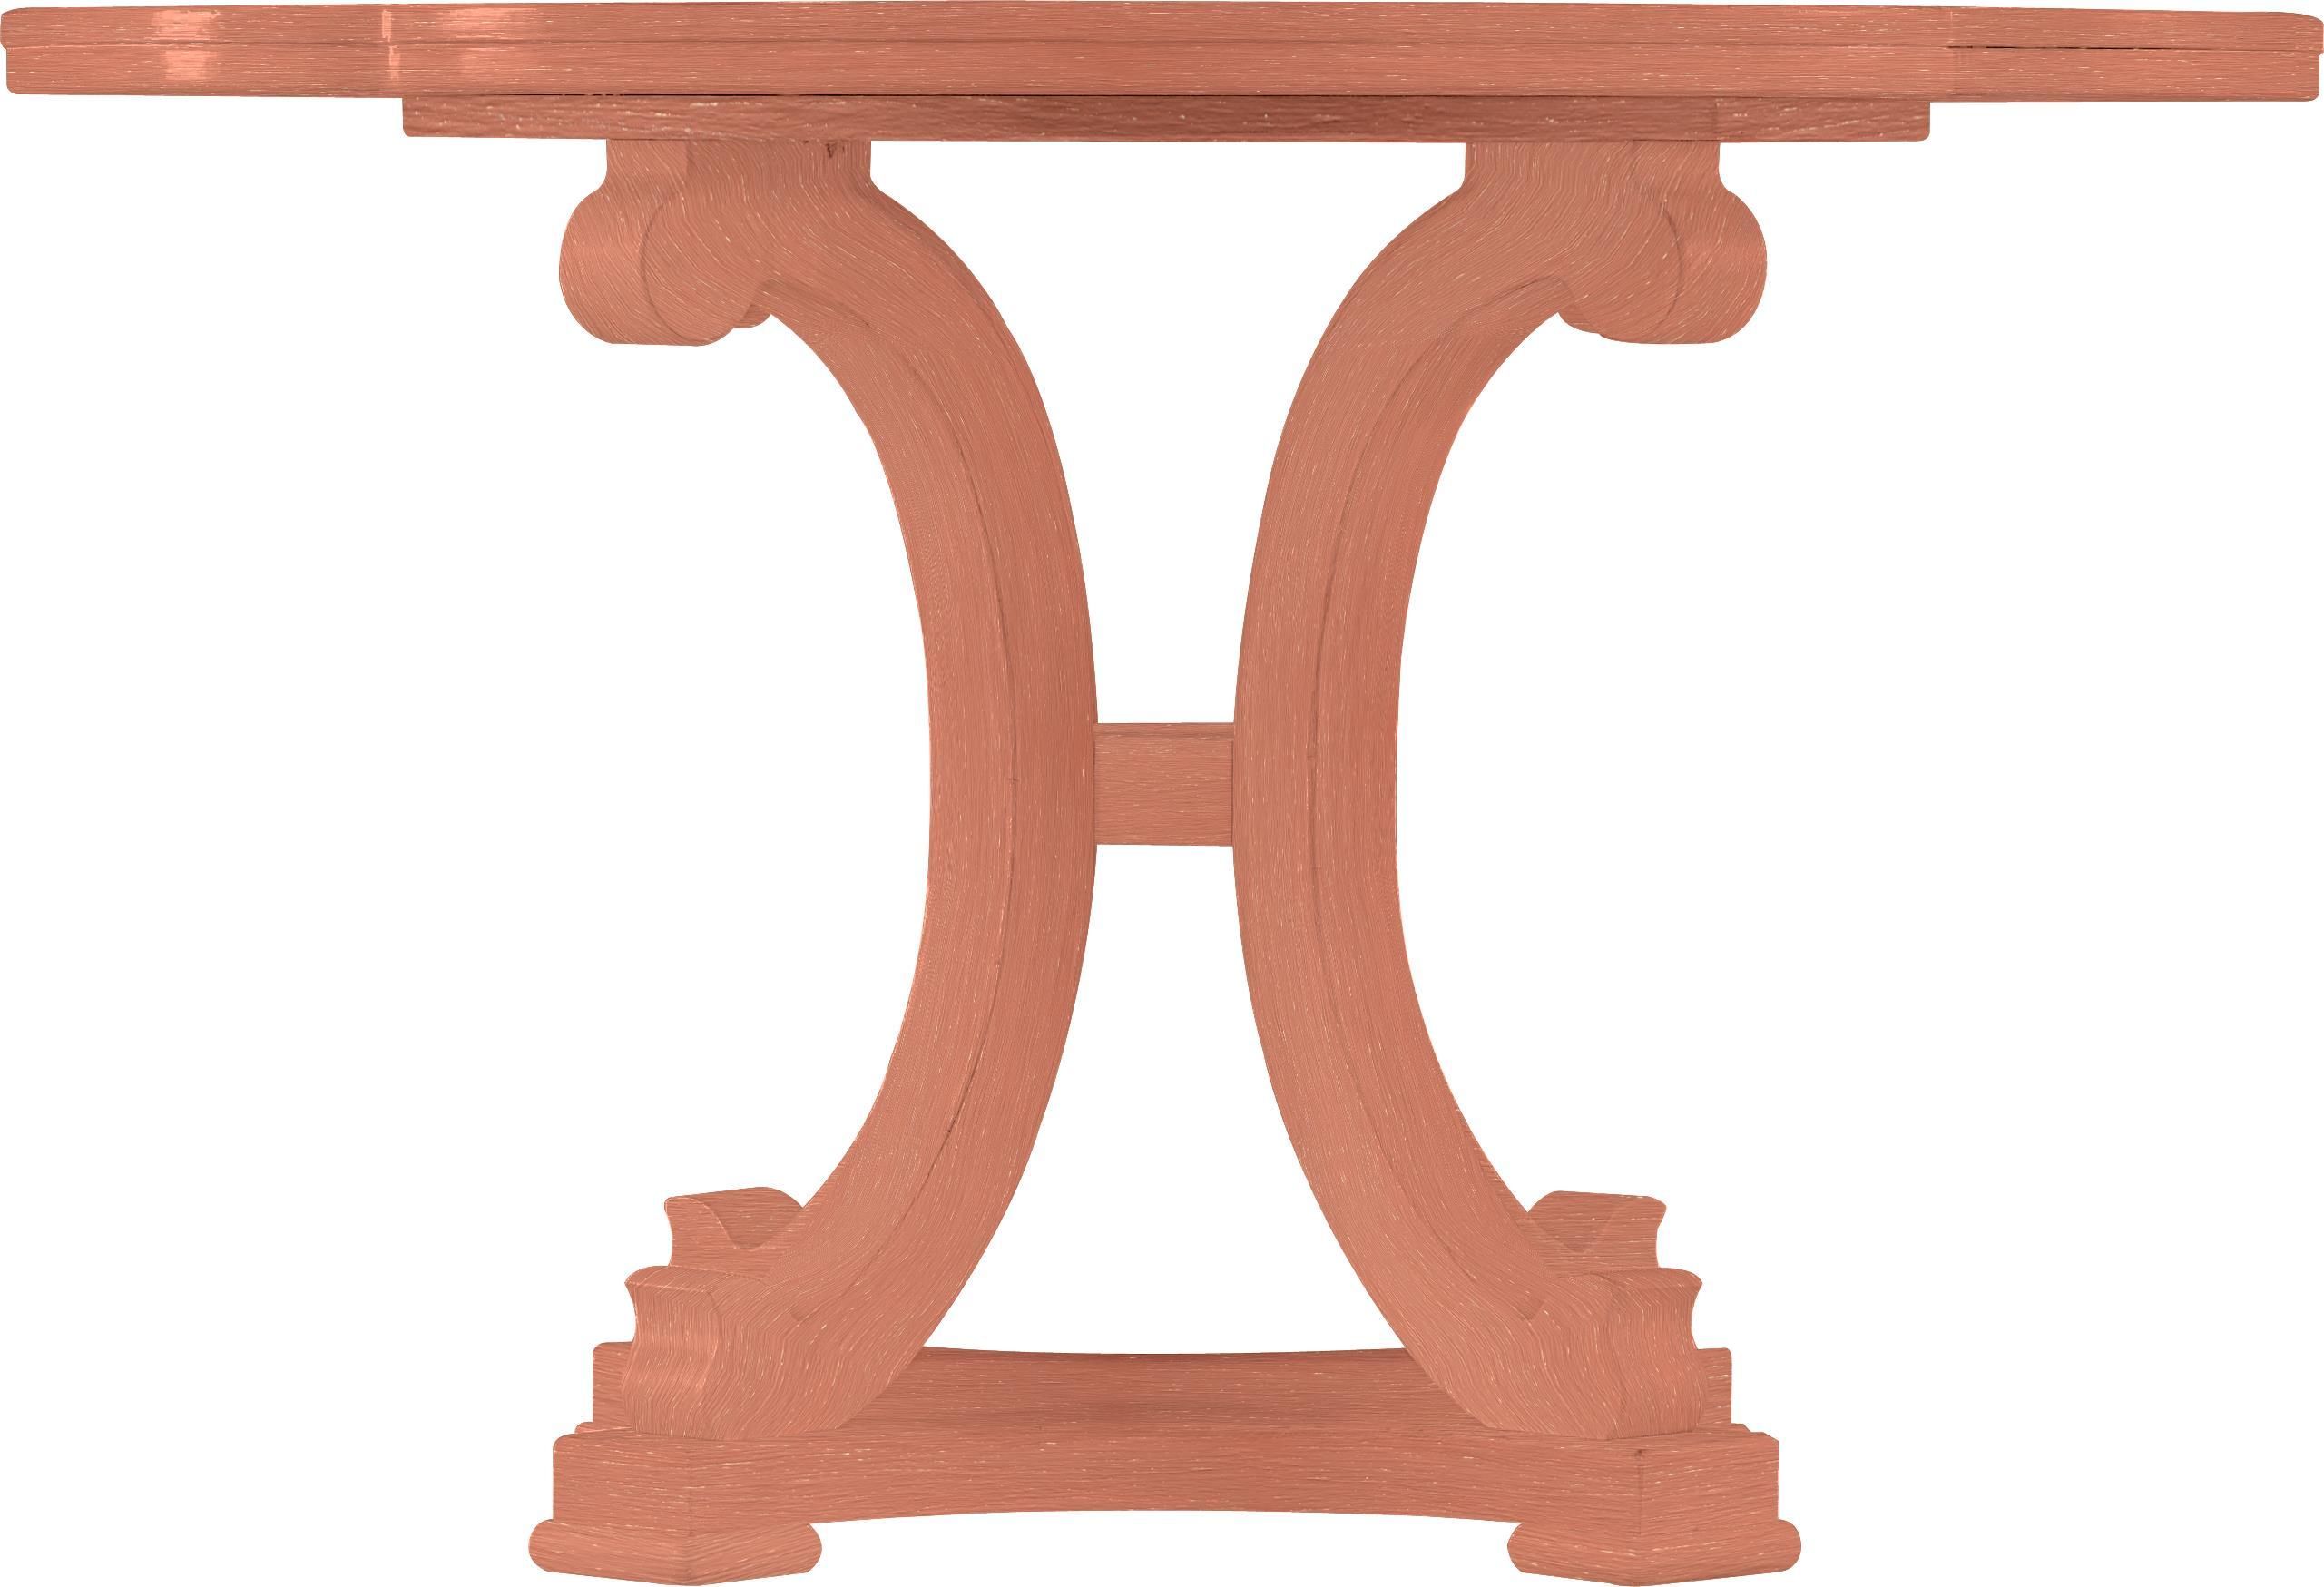 Stanley Furniture Coastal Living Resort Seascape Table - Item Number: 062-G1-34